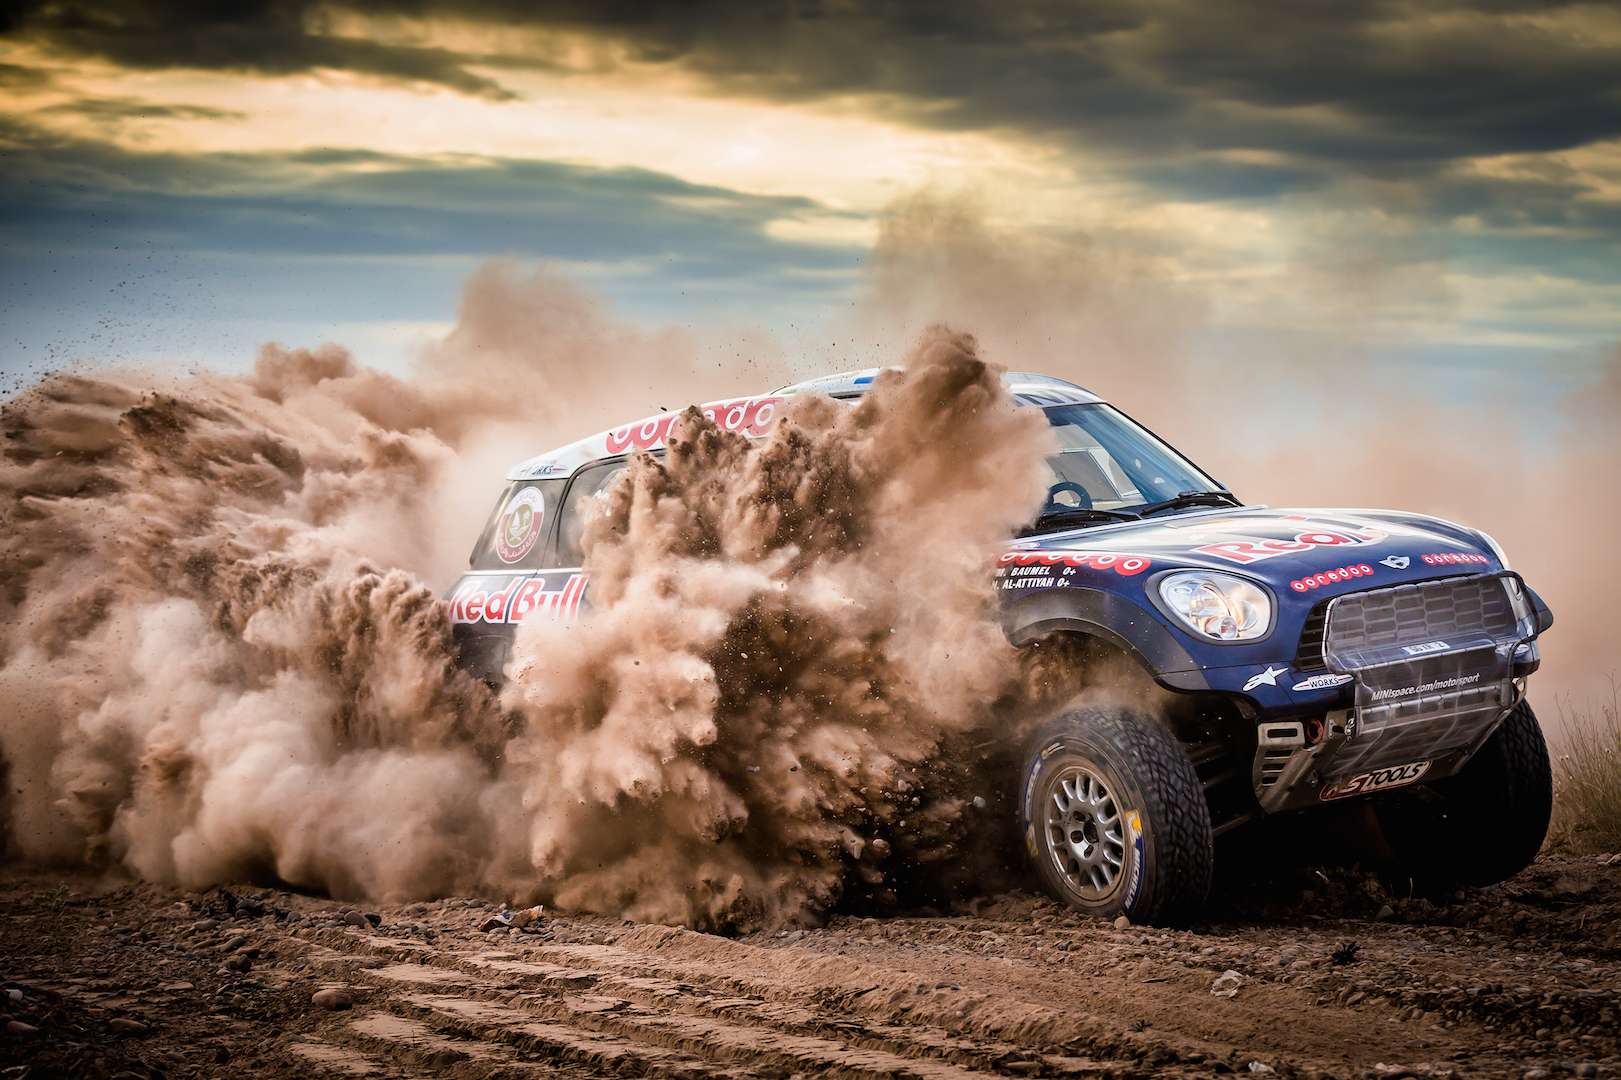 Orlando Terranova castiga a treia etapa din Raliul Dakar 2015